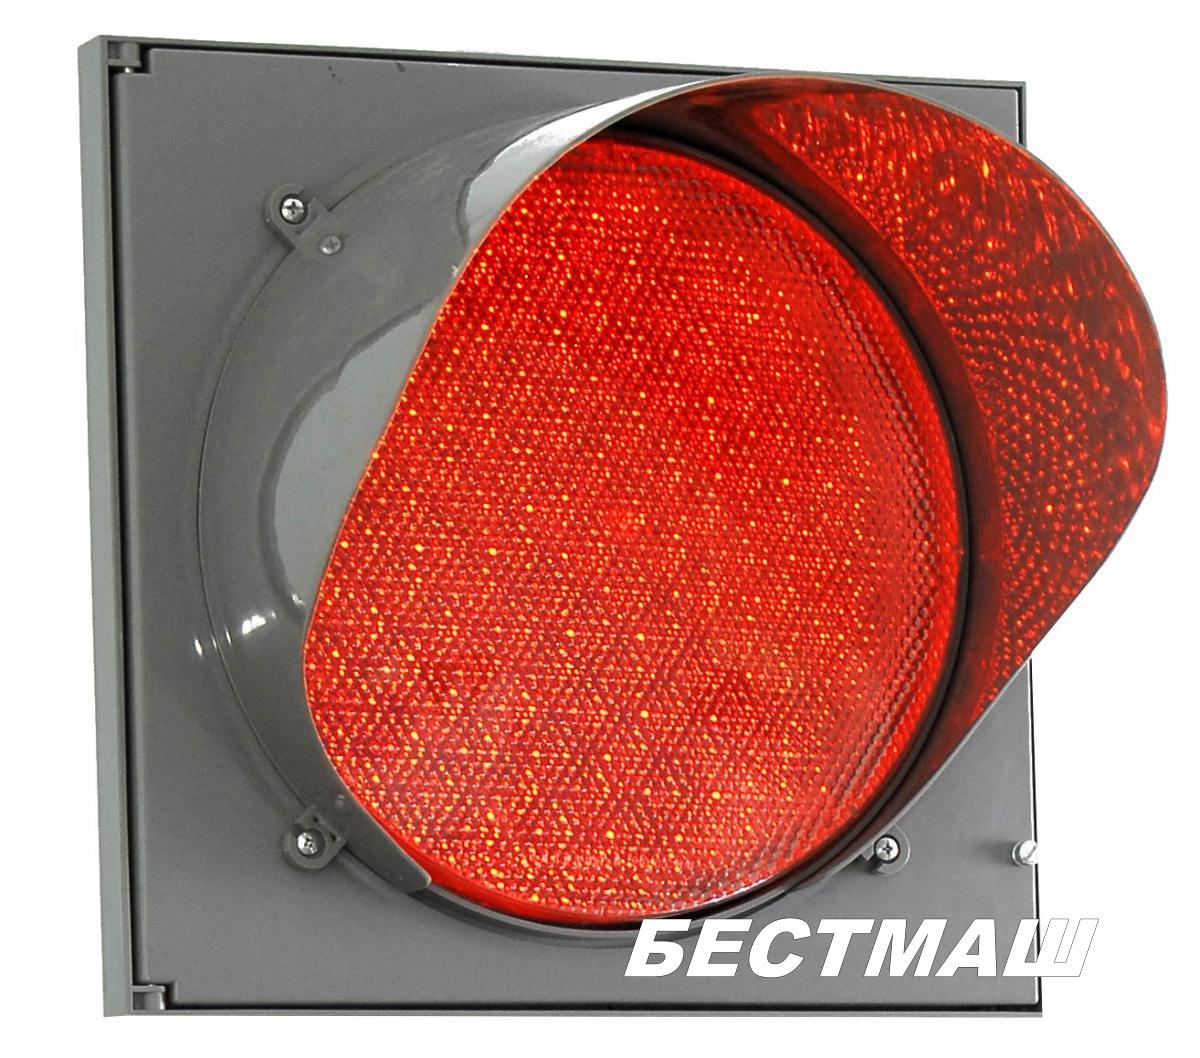 Светофор светодиодный Т.6.1, d200мм (крепление в комплекте)